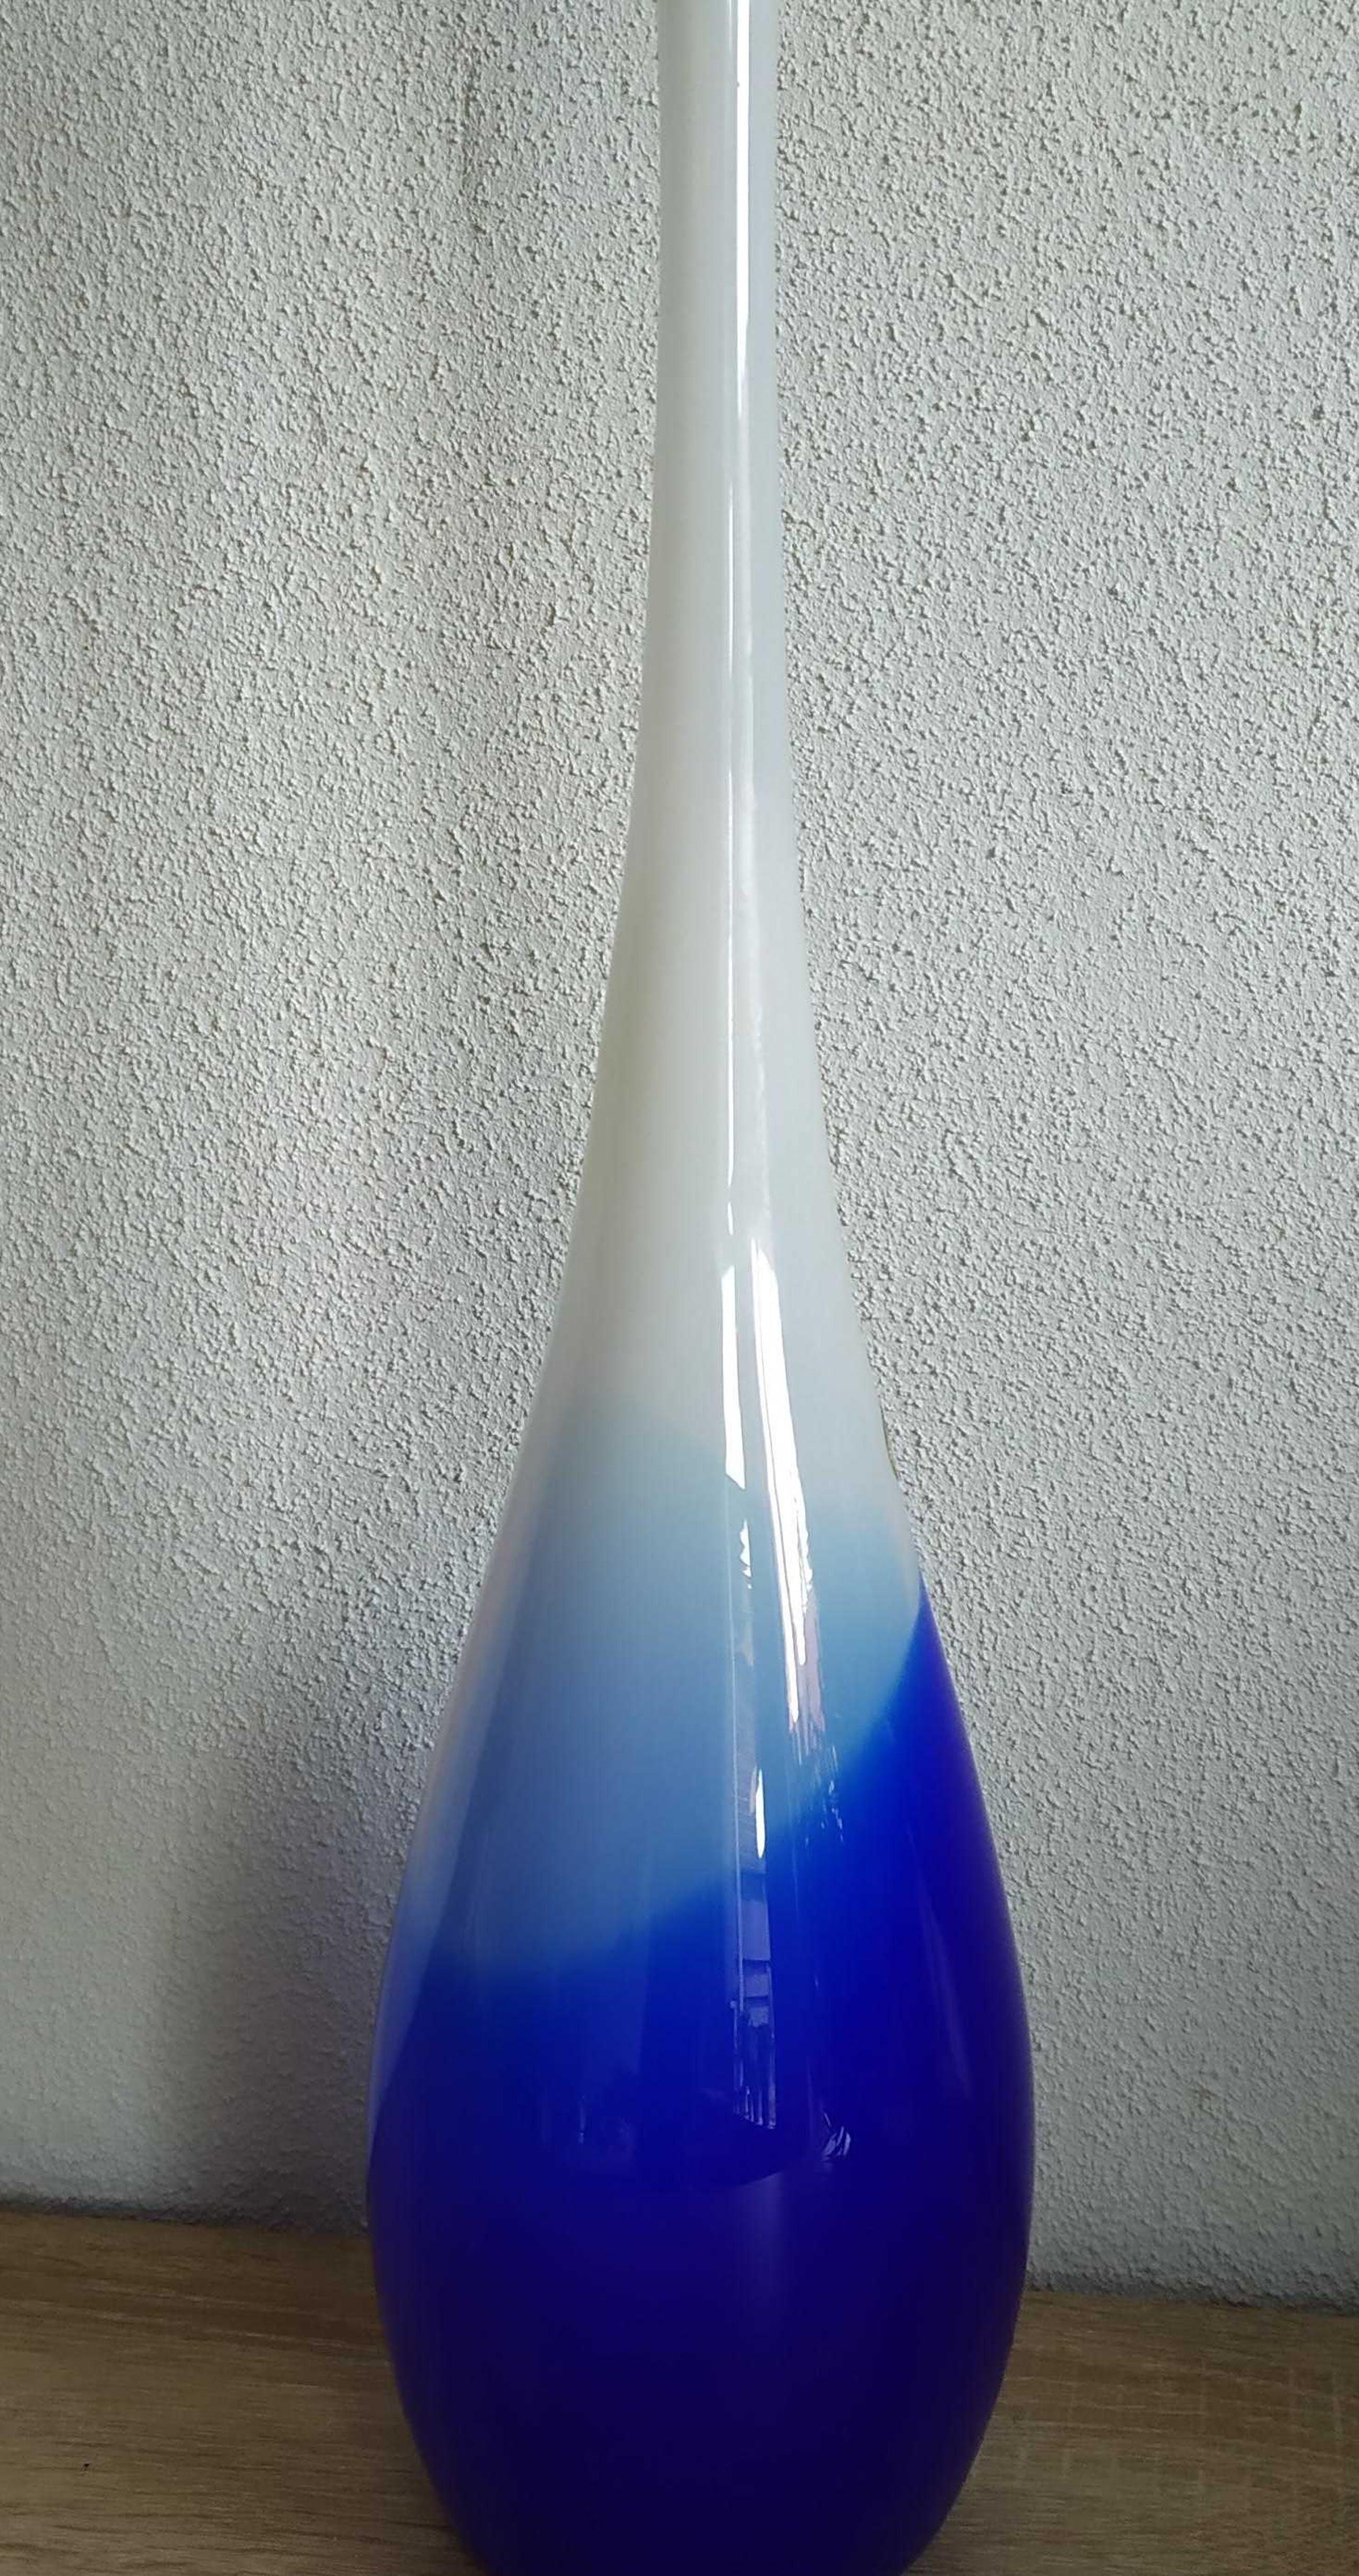 Royal Leerdam - Blauw/wite vaas van Royal Leerdam kopen? Bied vanaf 75!